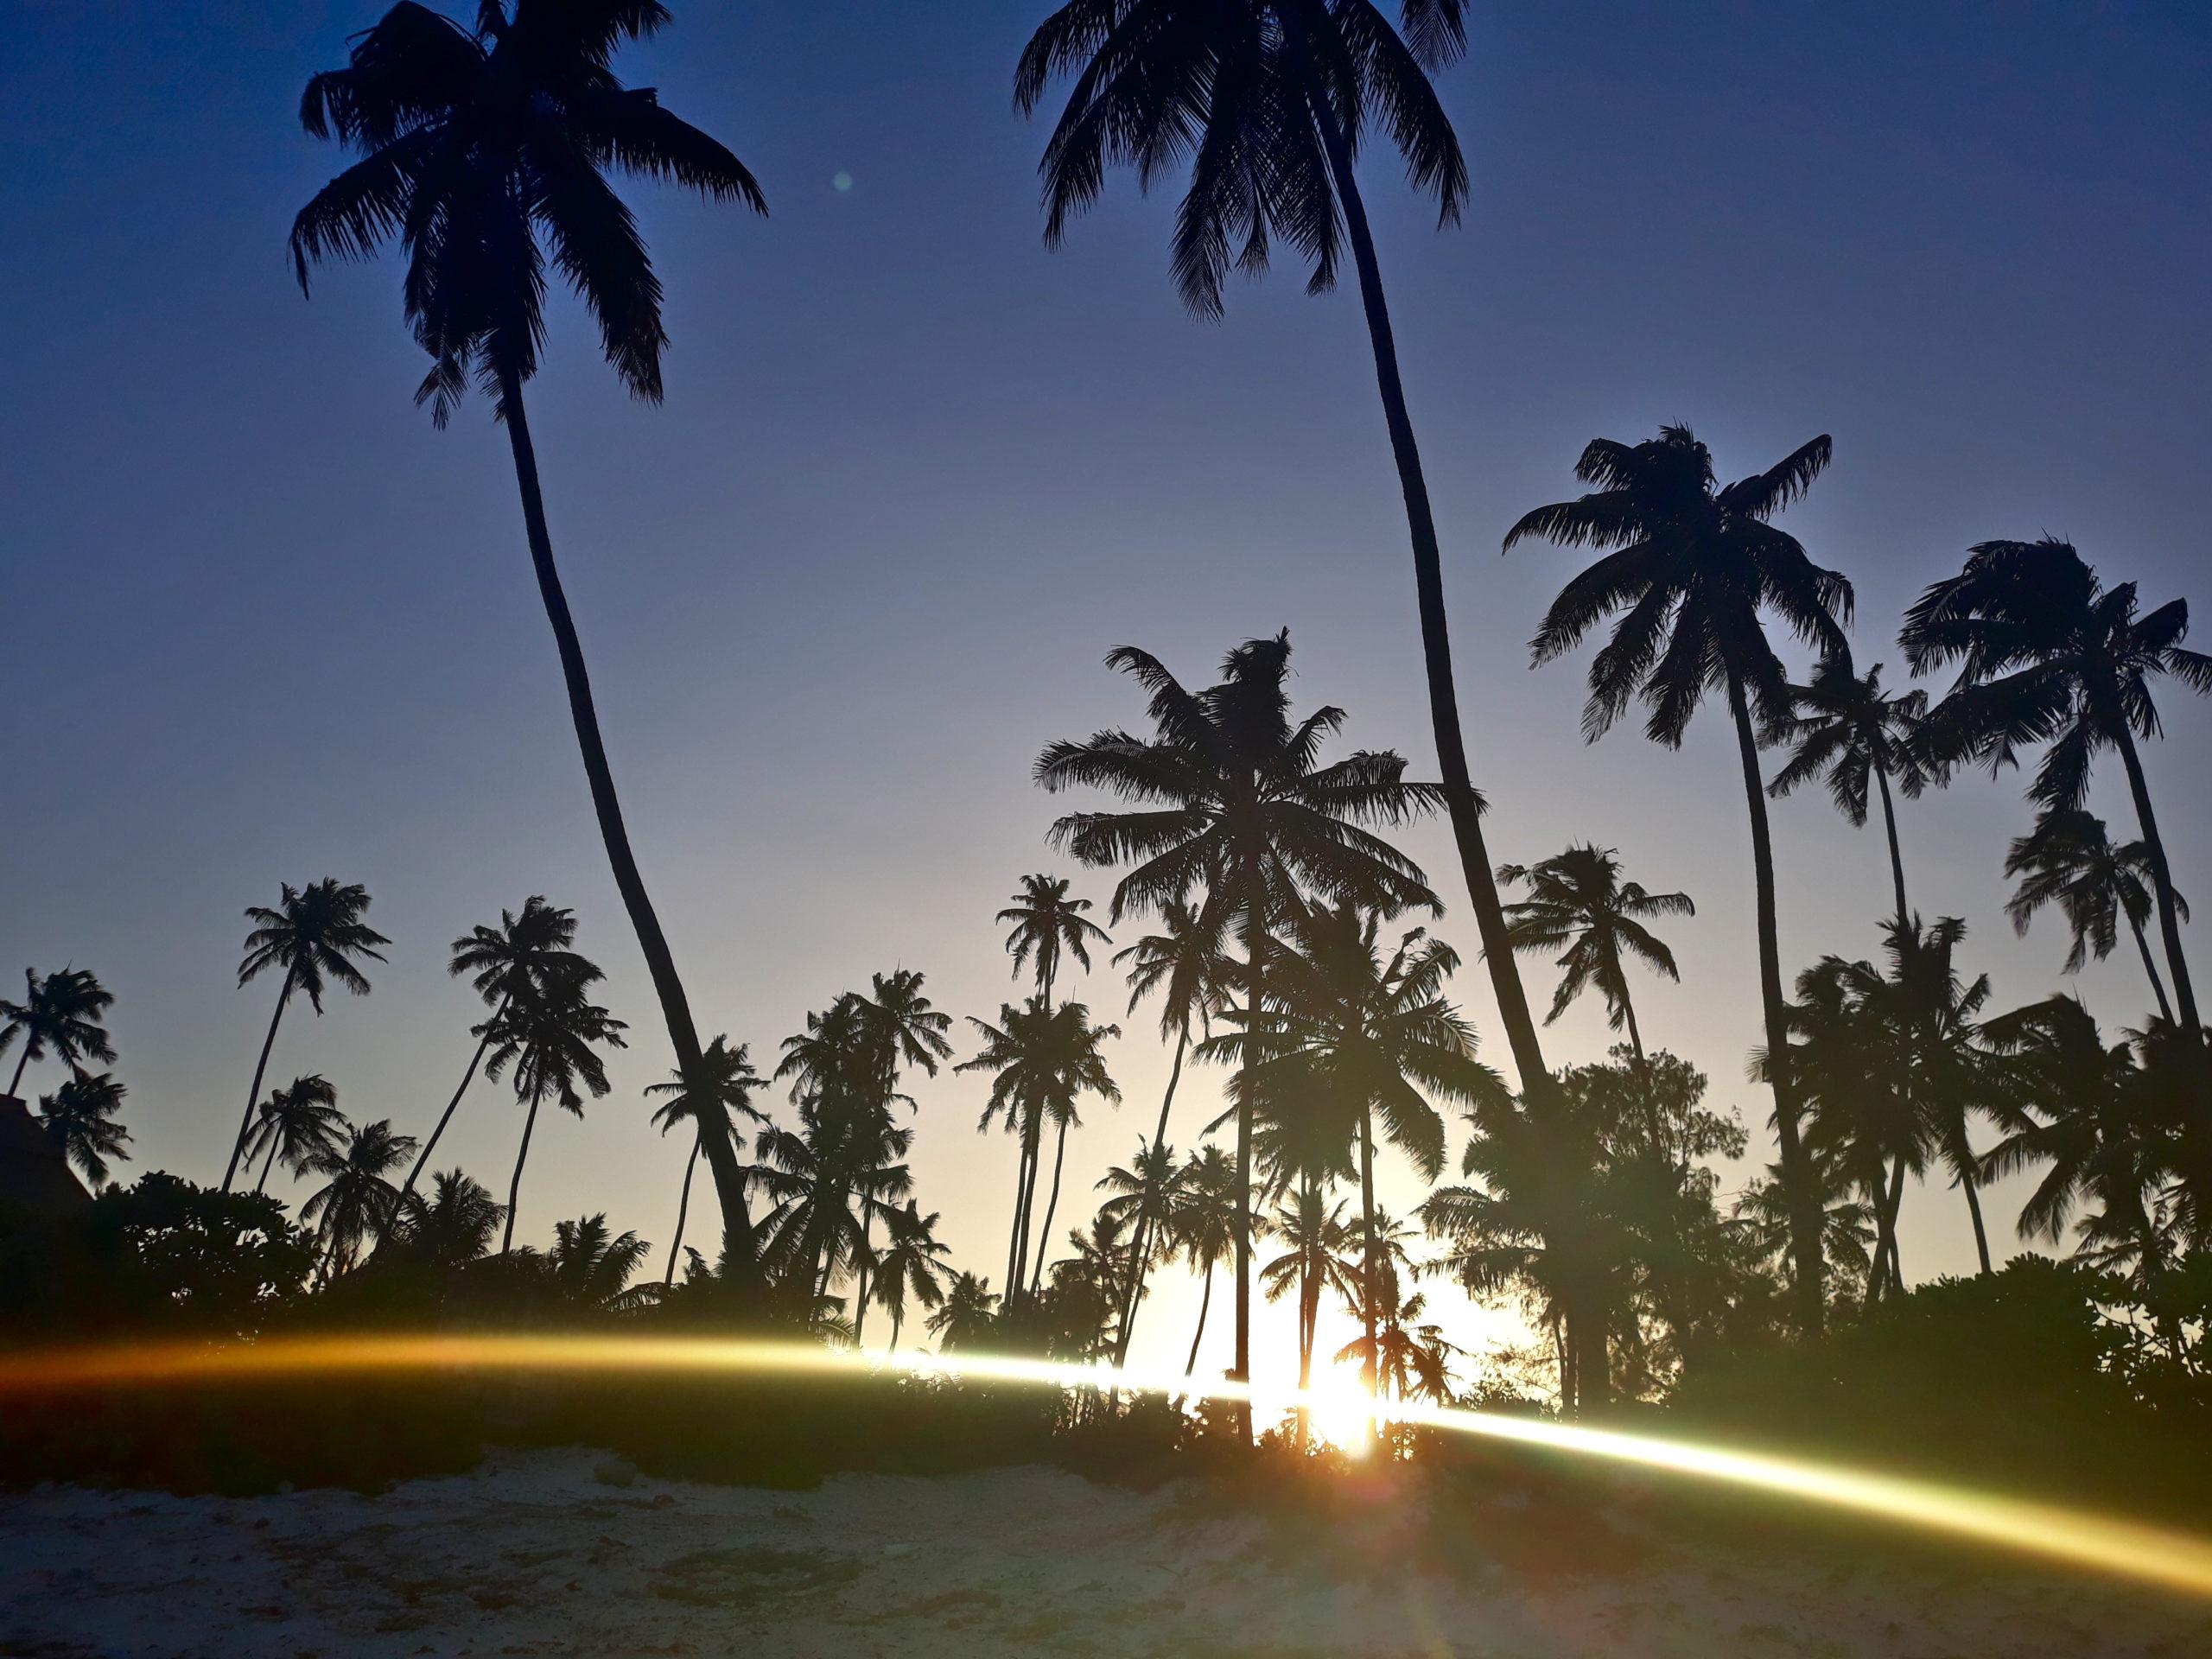 zanzibar-plaża-palmy